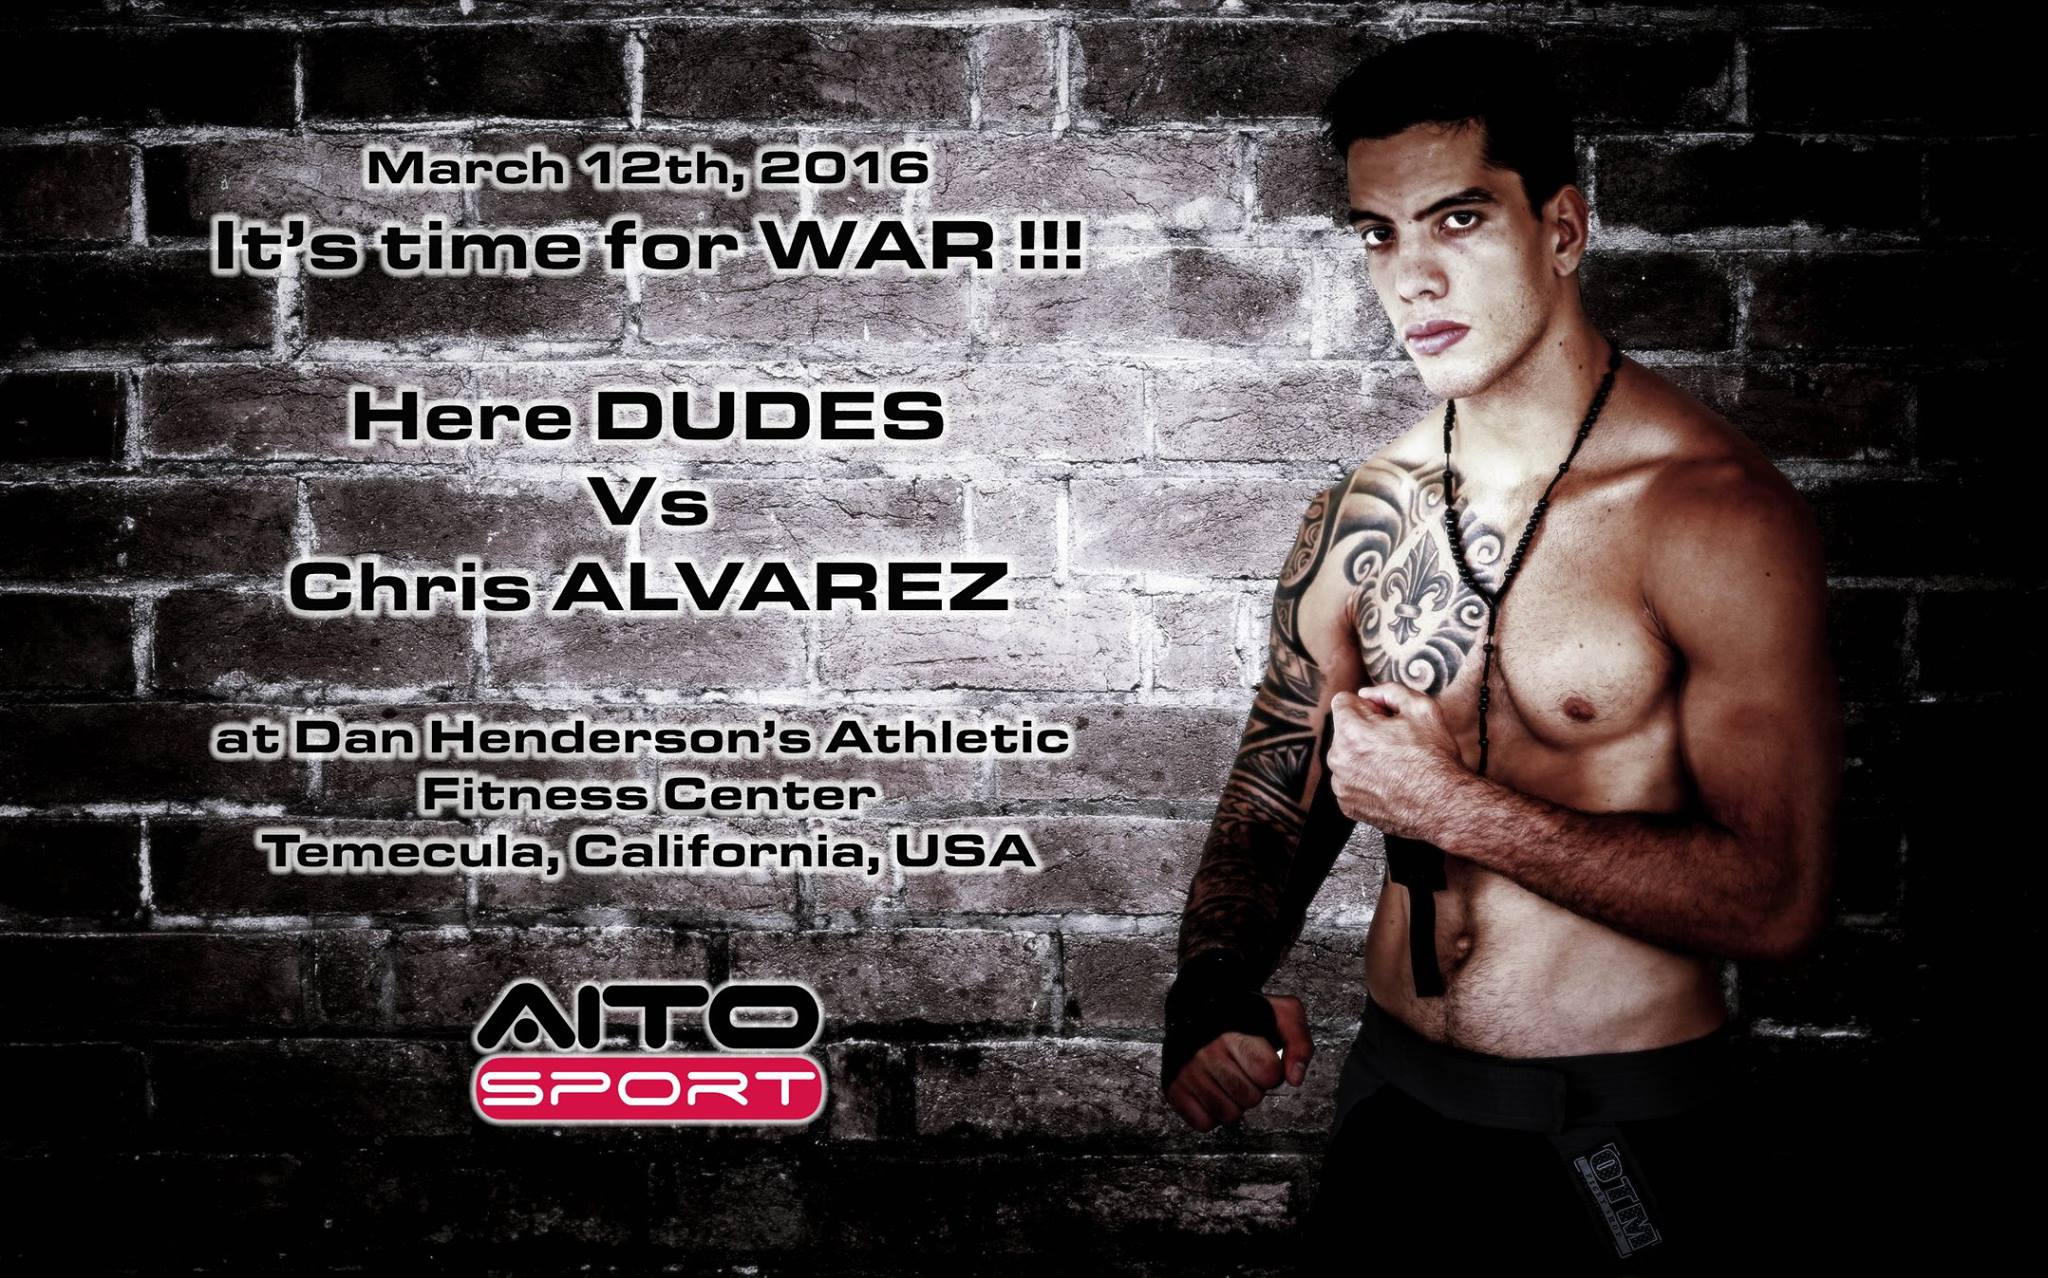 MMA – Raihere Dudes vs Chris Alvarez 'Tout peut se jouer en un coup'